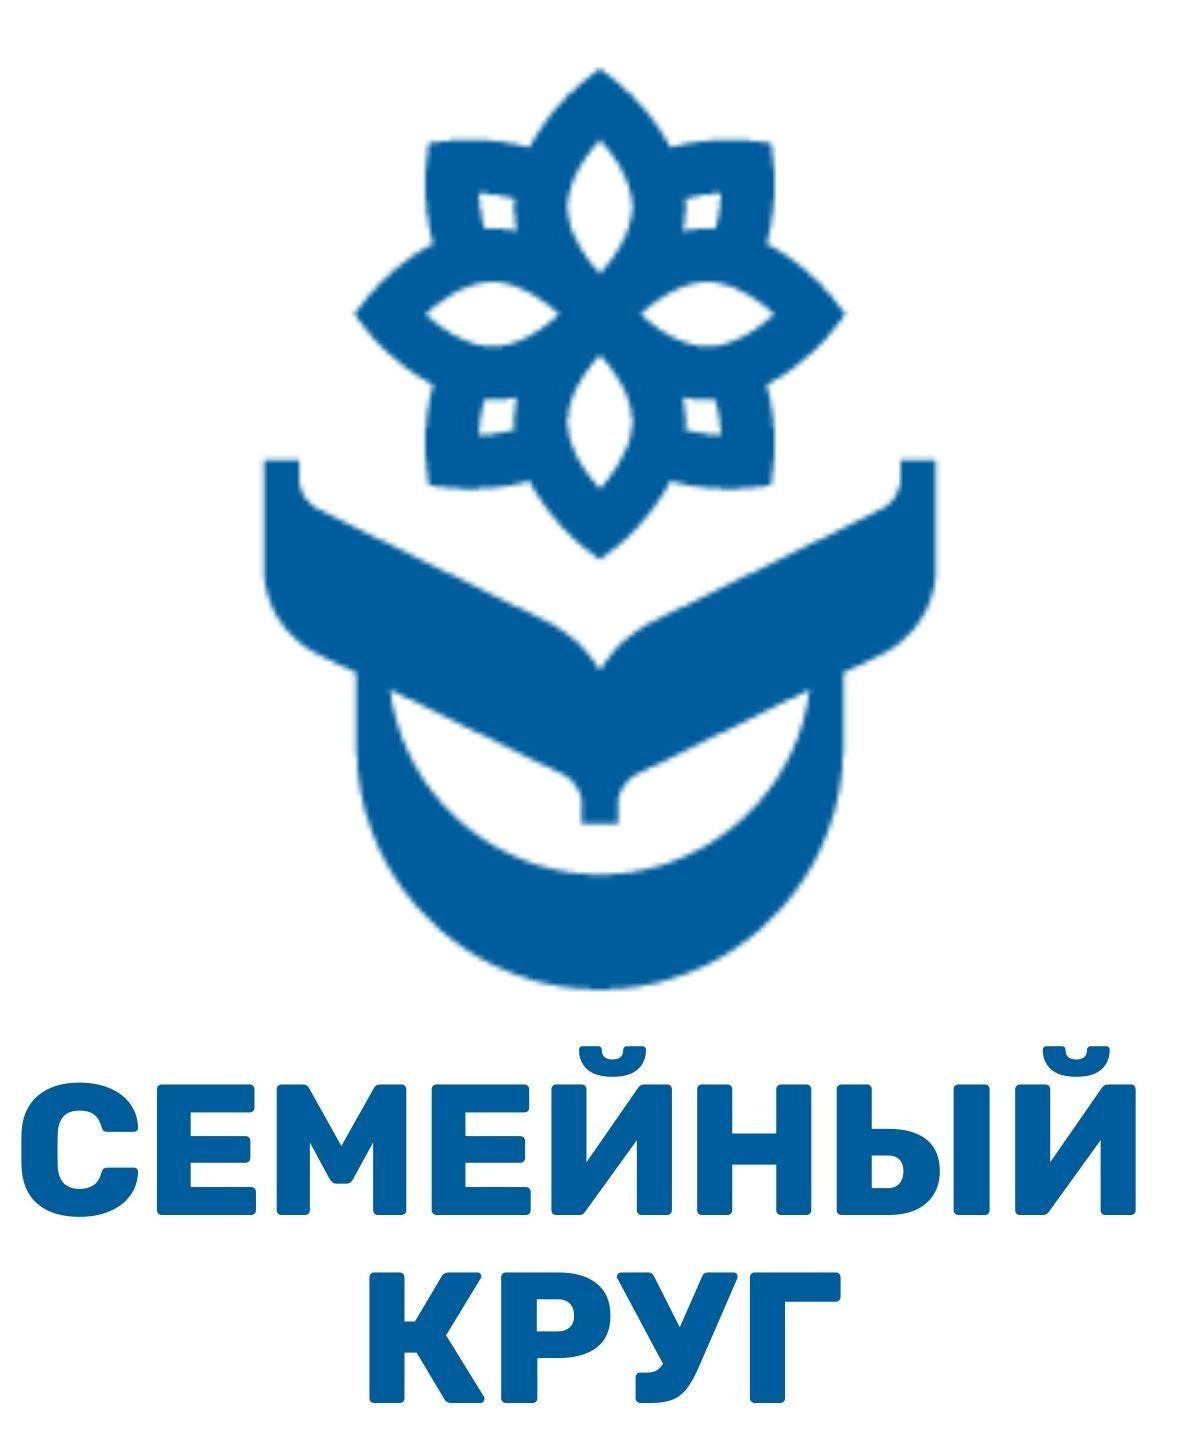 Продажа и монтаж септиков в Санкт-Петербурге и ЛО